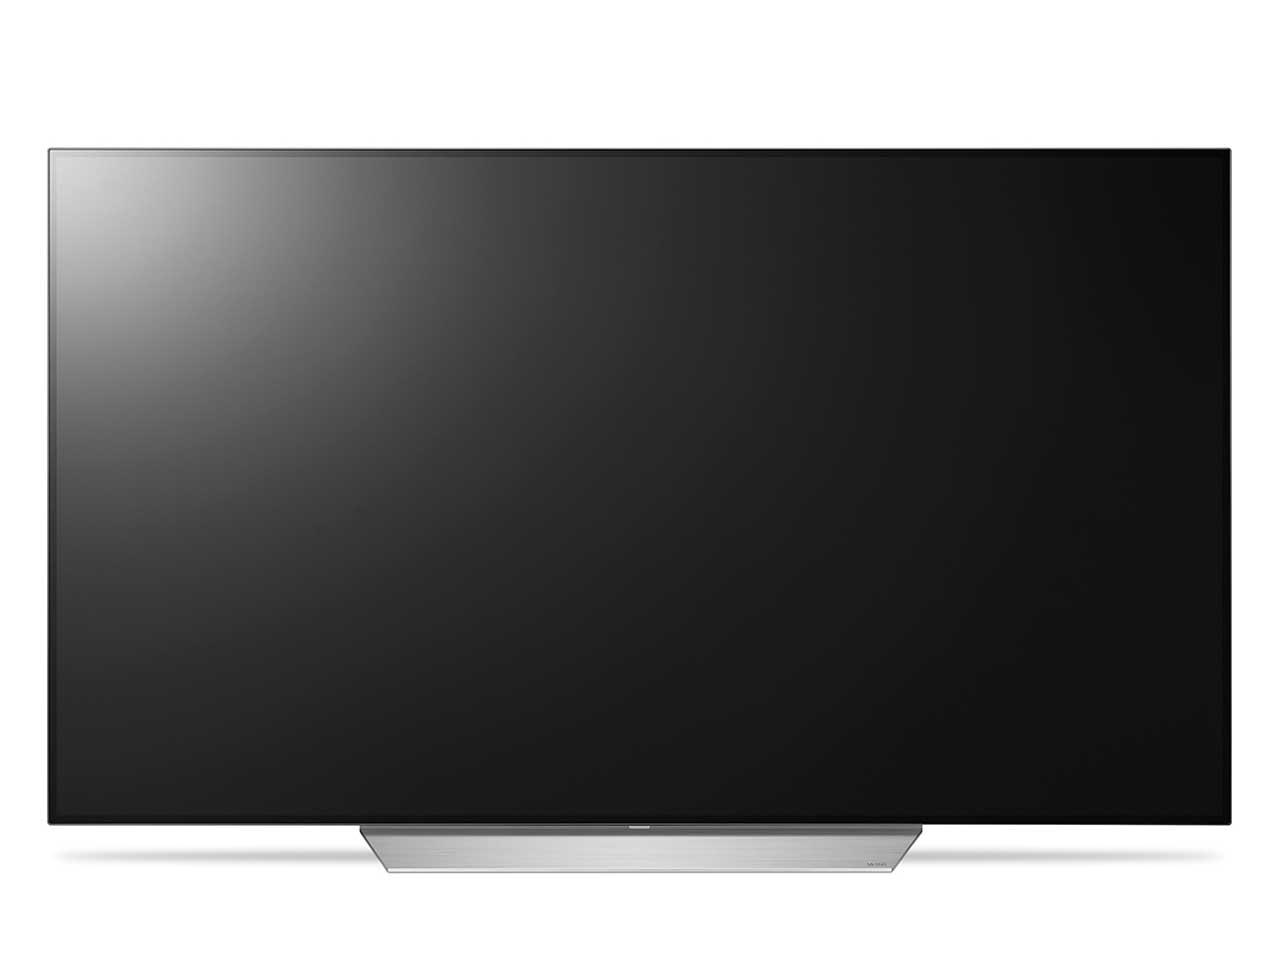 OLED55C7P [55インチ] の製品画像